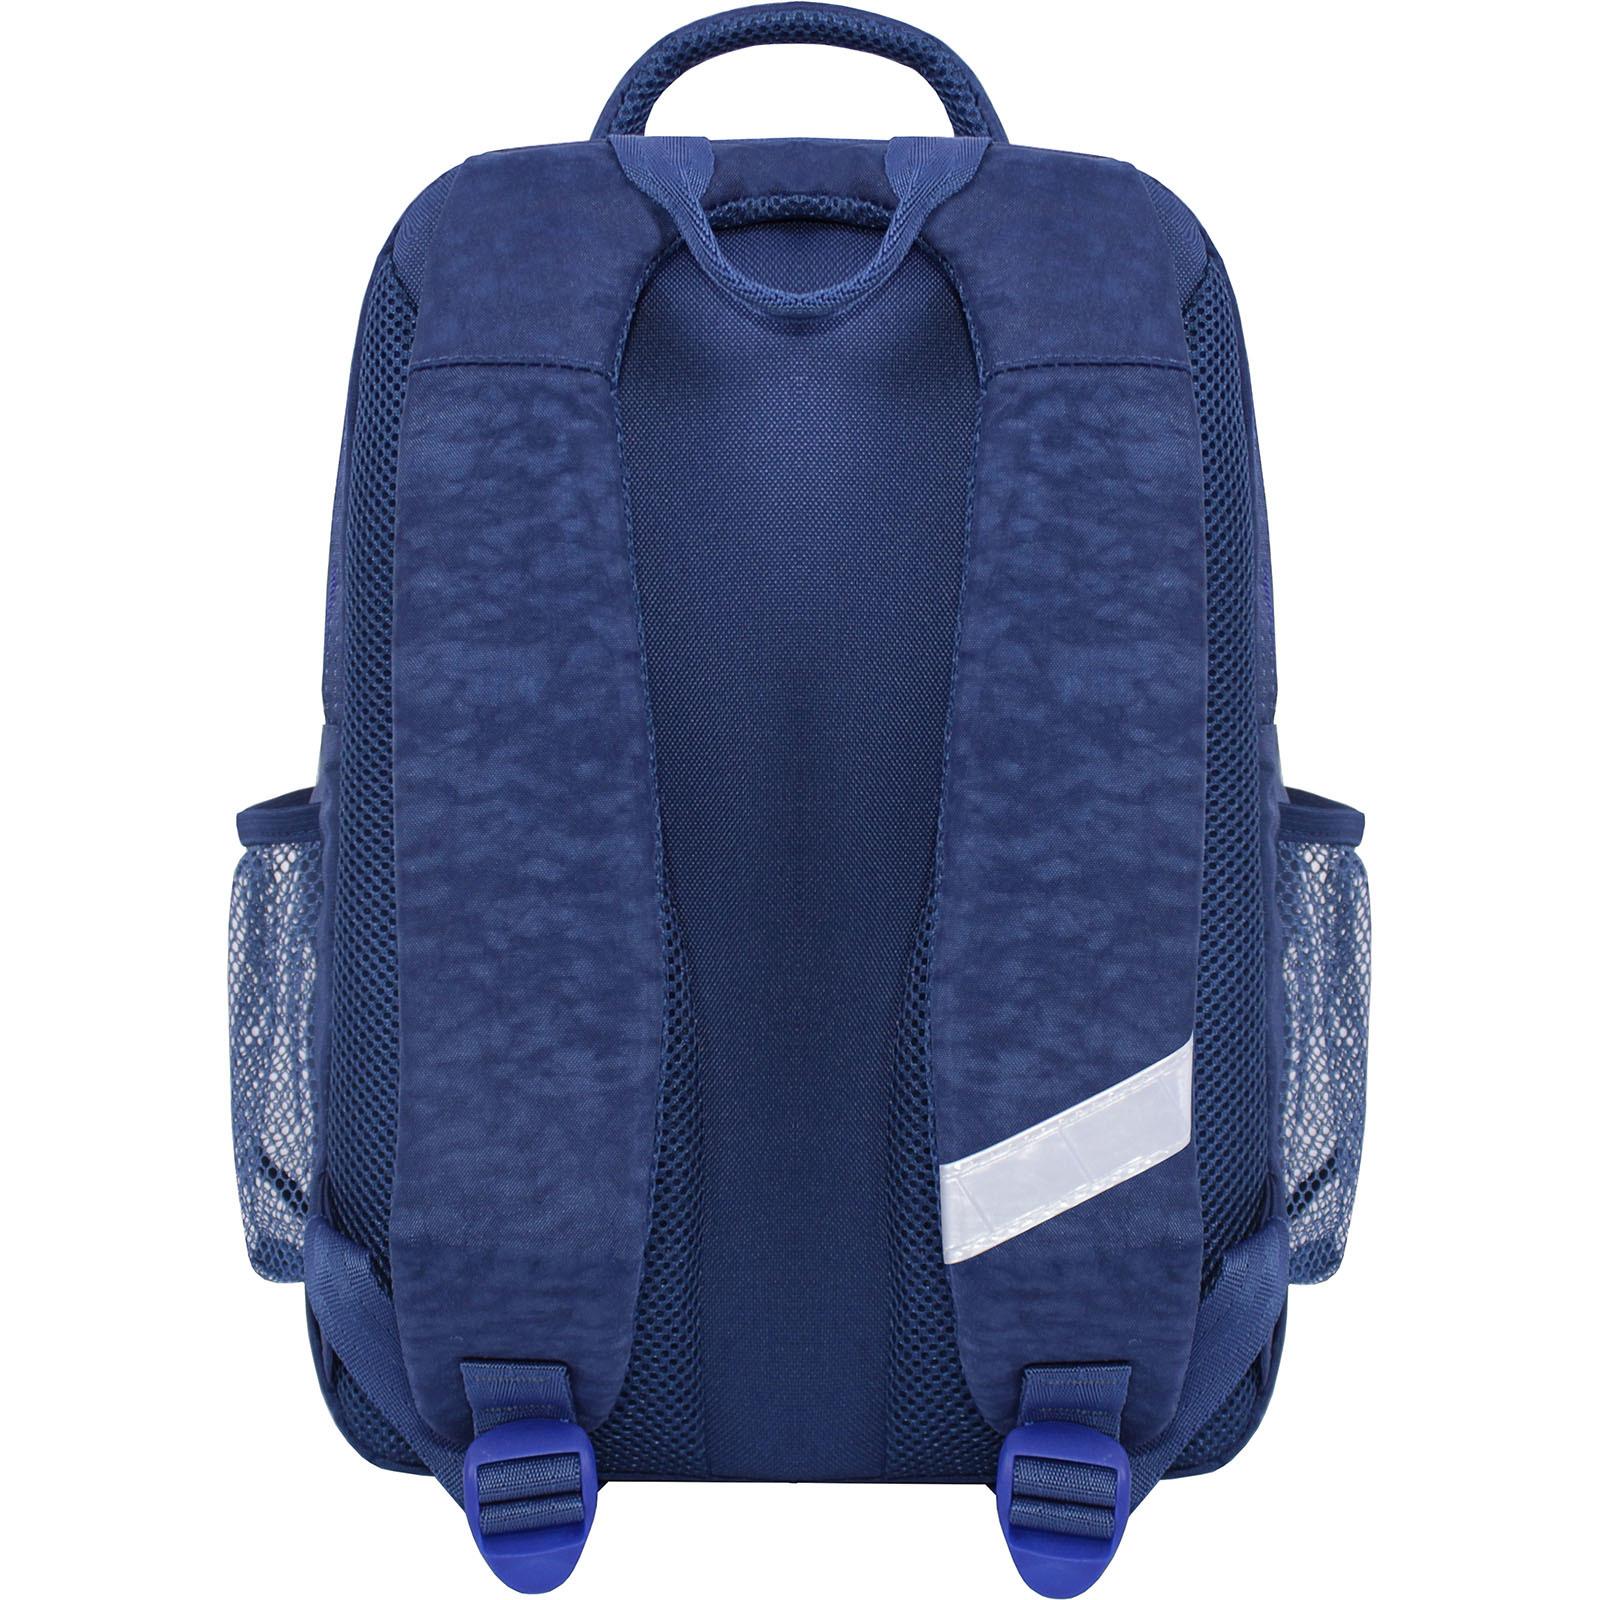 Рюкзак школьный Bagland Школьник 8 л. синий 555 (0012870) фото 3